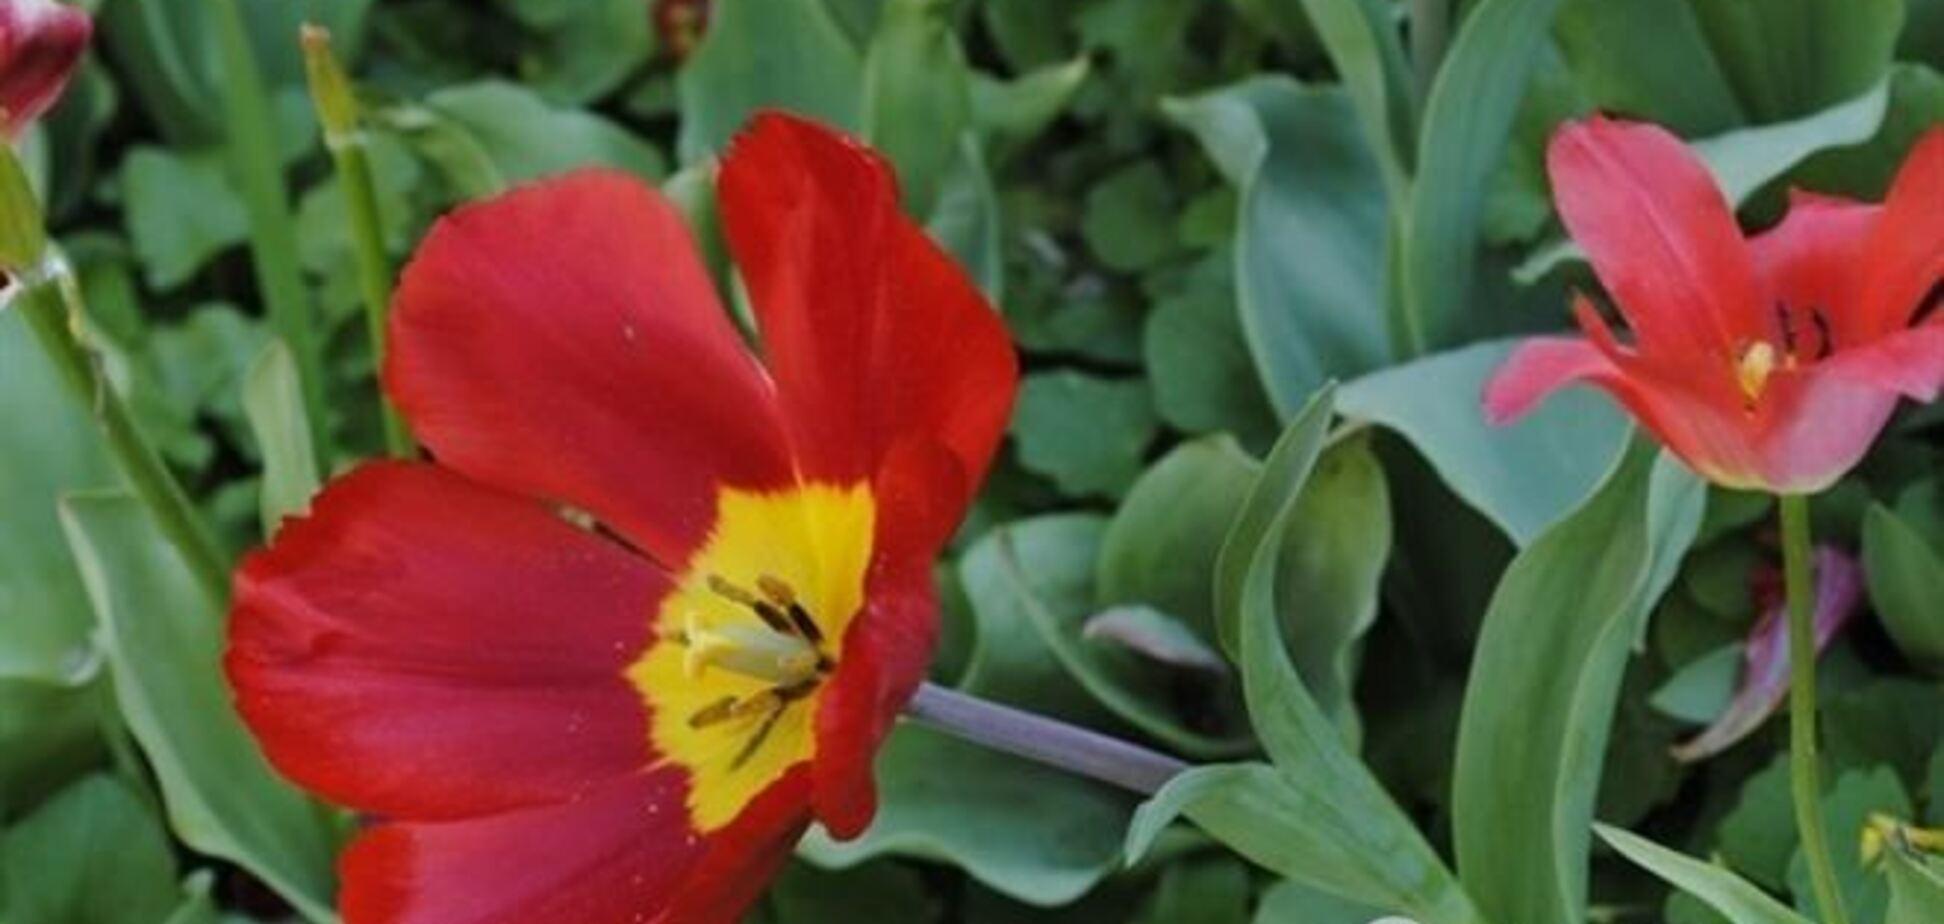 Выставку тюльпанов на Певческом поле откроют 19 апреля